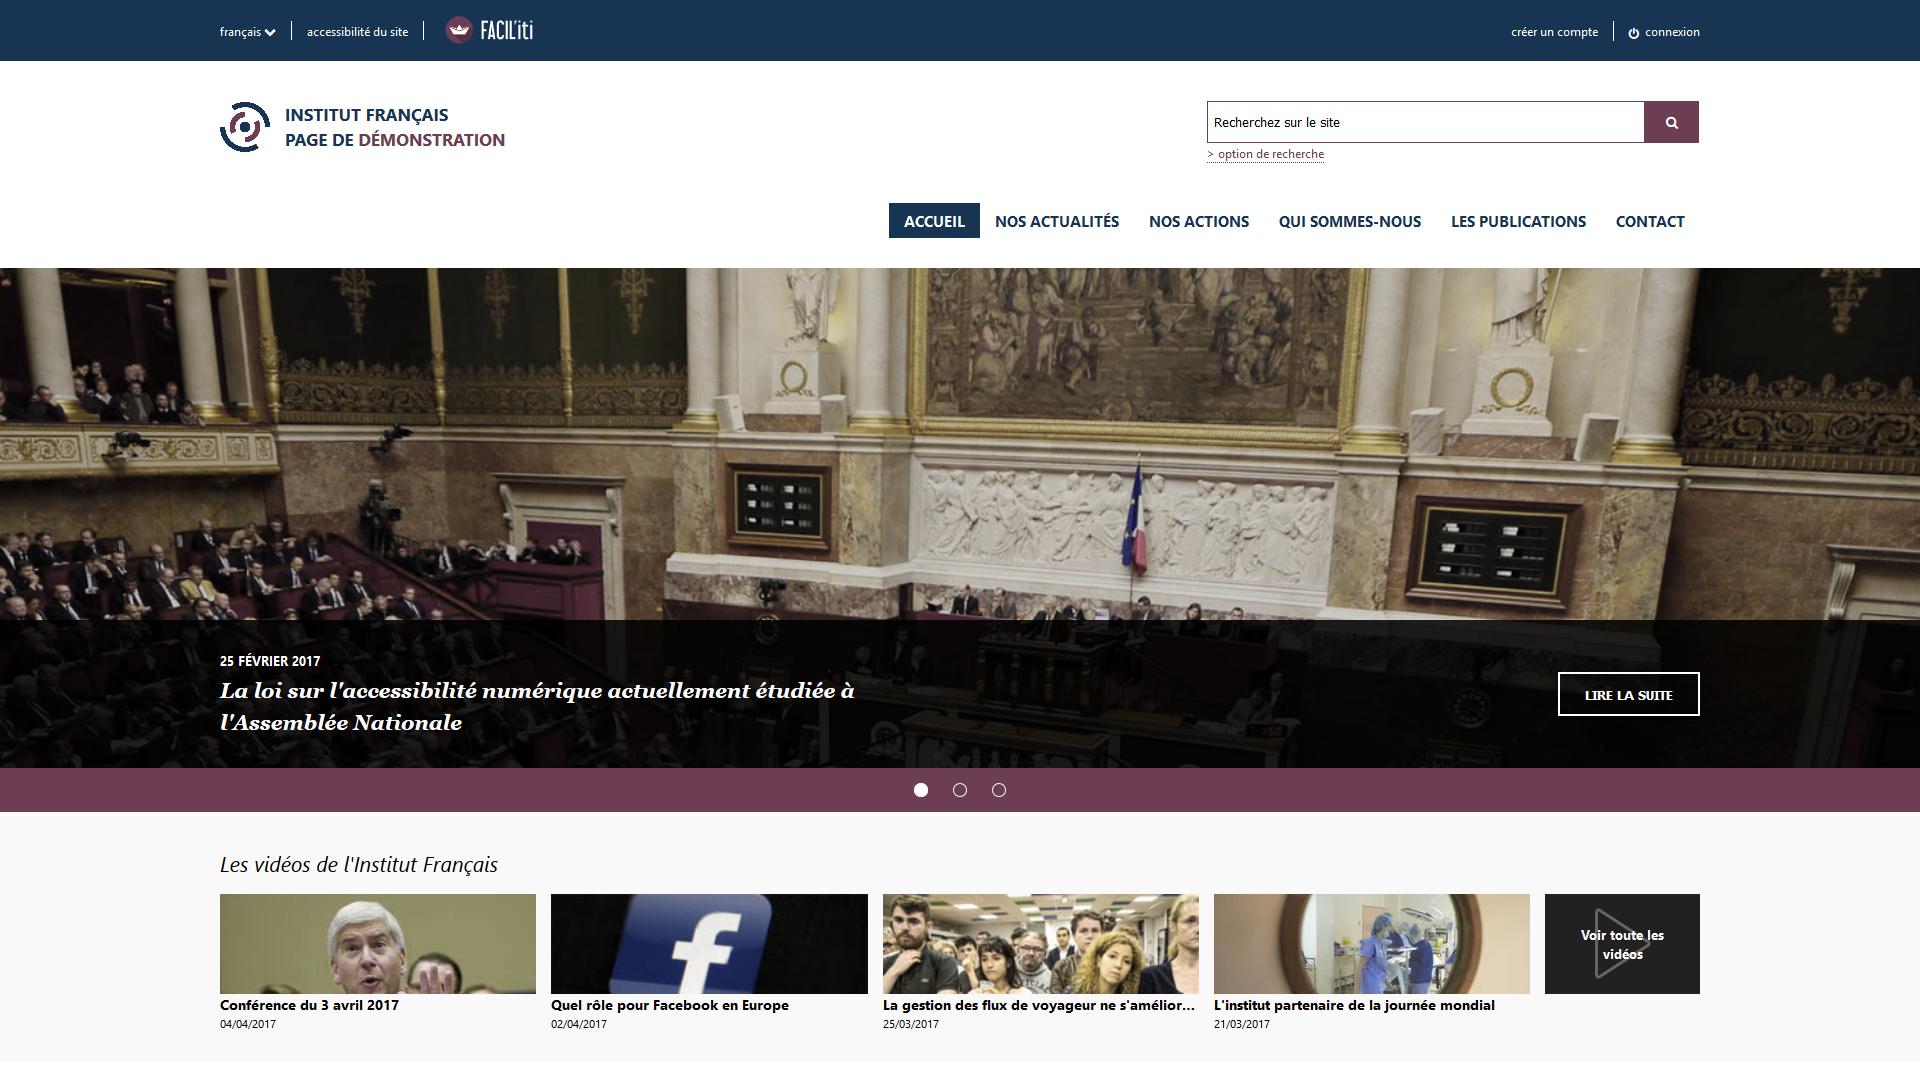 Une page d'accueil d'un site de démonstration avec FACIL'iti activé pour la pathologie Protanopie